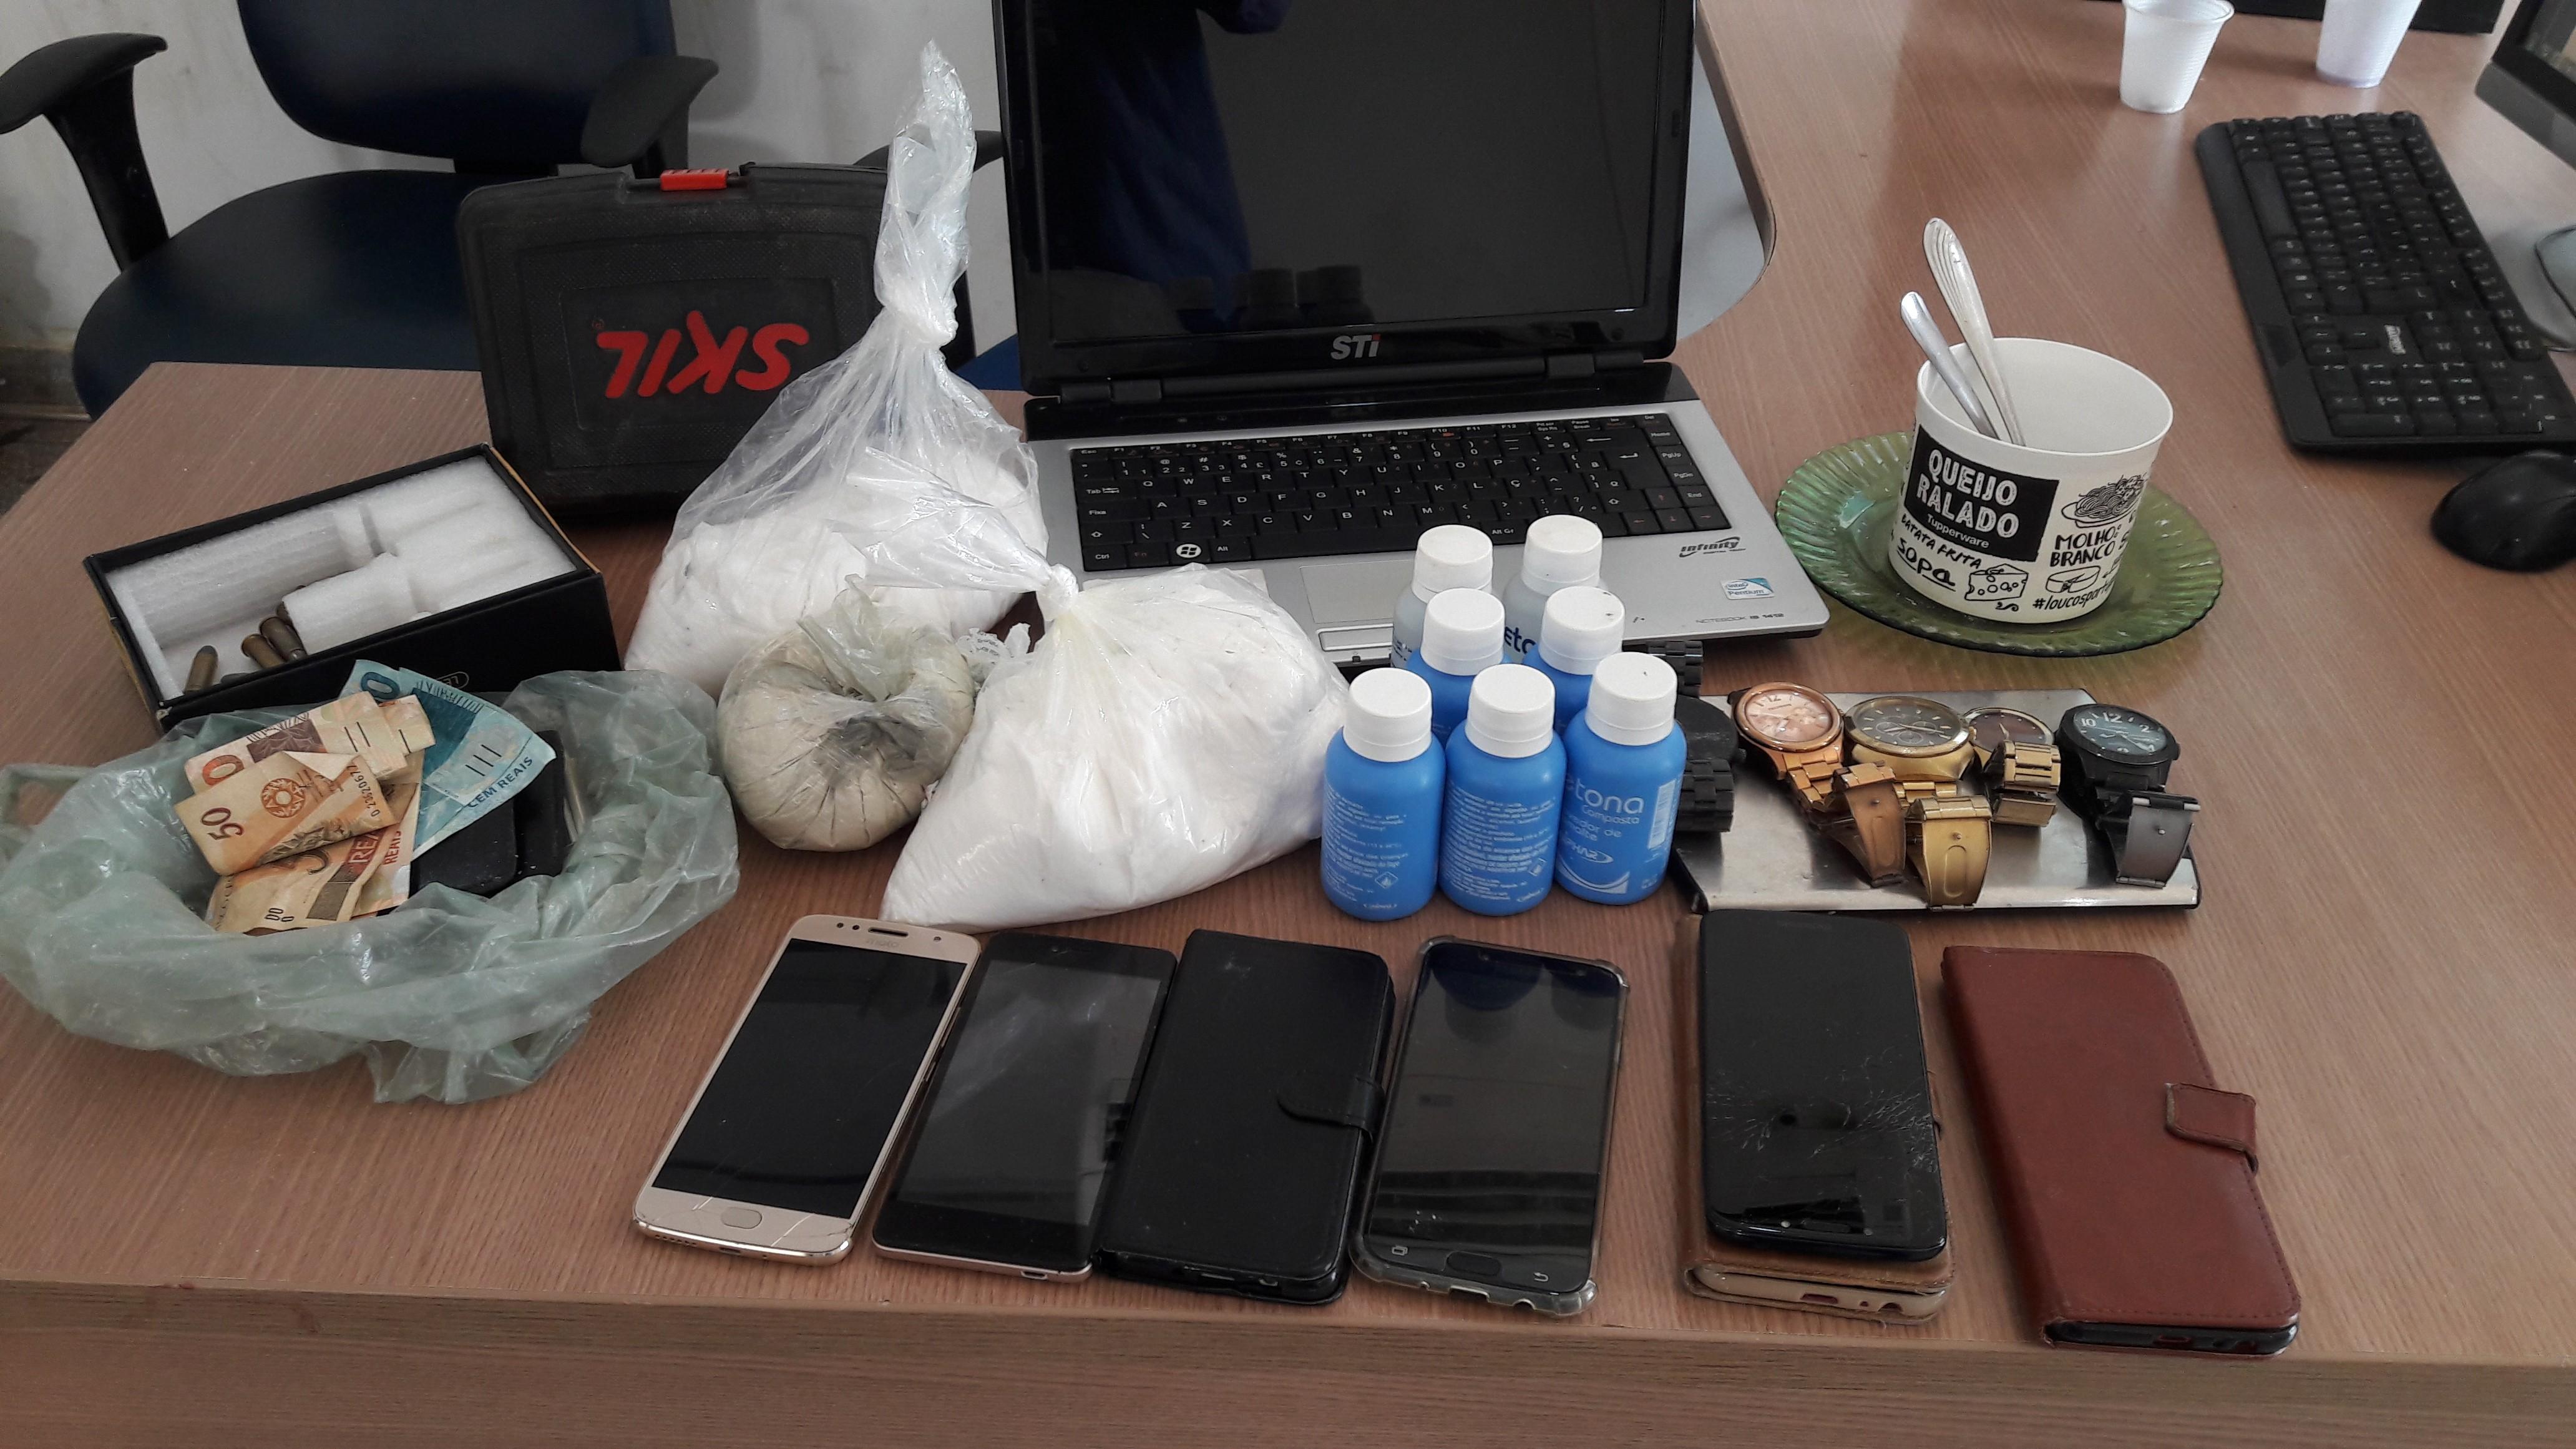 PM encontra droga, munições, celulares e relógios dentro de casa em Ariquemes; dois são presos  - Notícias - Plantão Diário